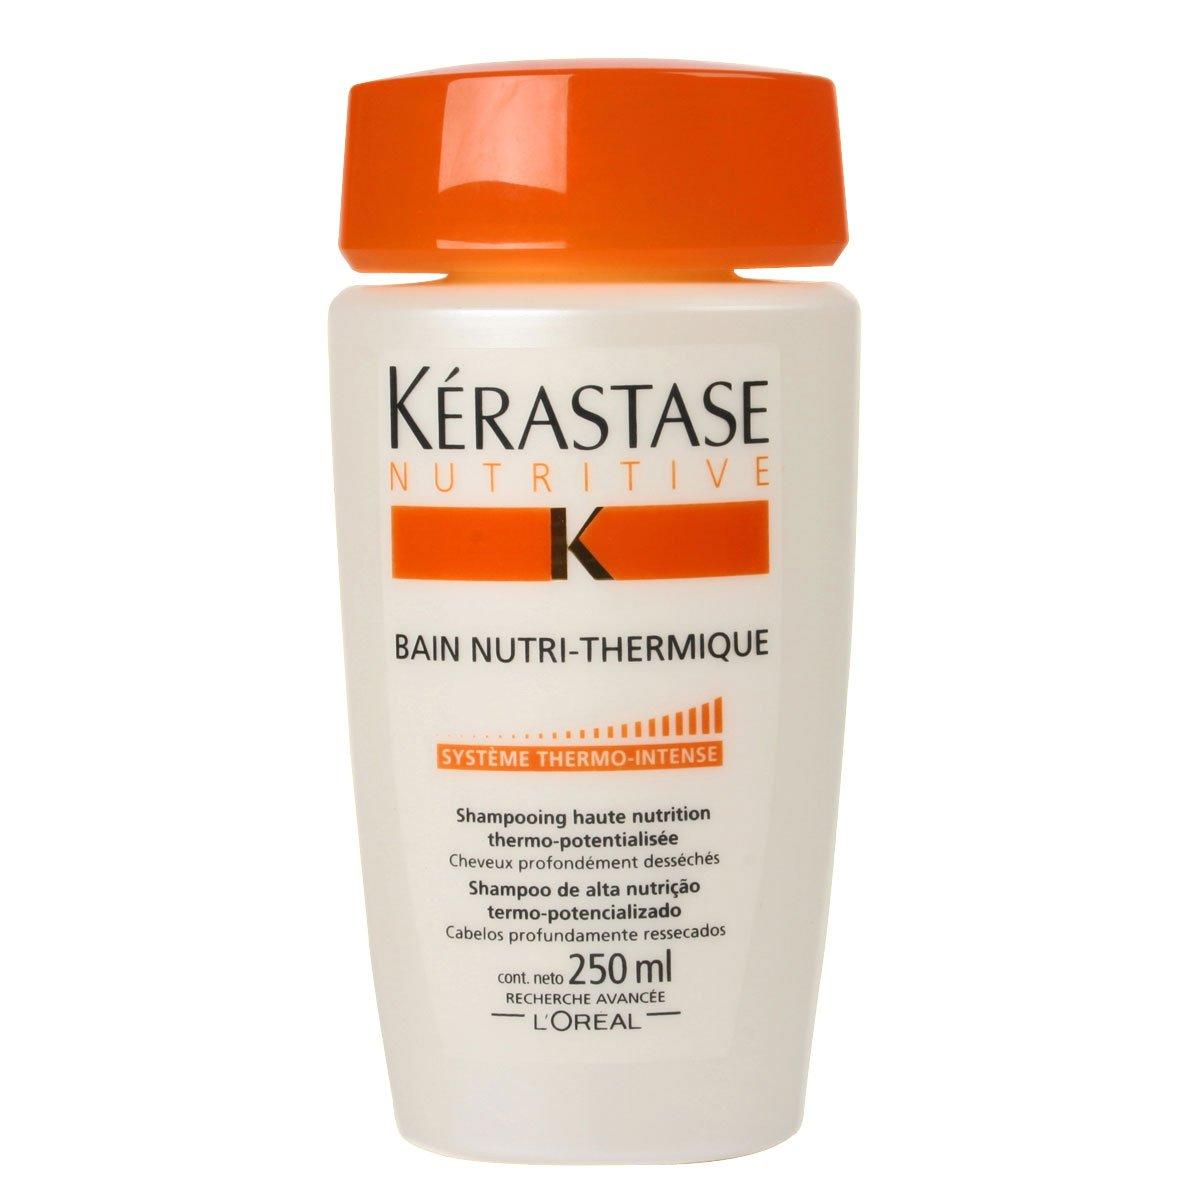 Kerastase nutritive bain nutri thermique intensive for Kerastase bain miroir shine